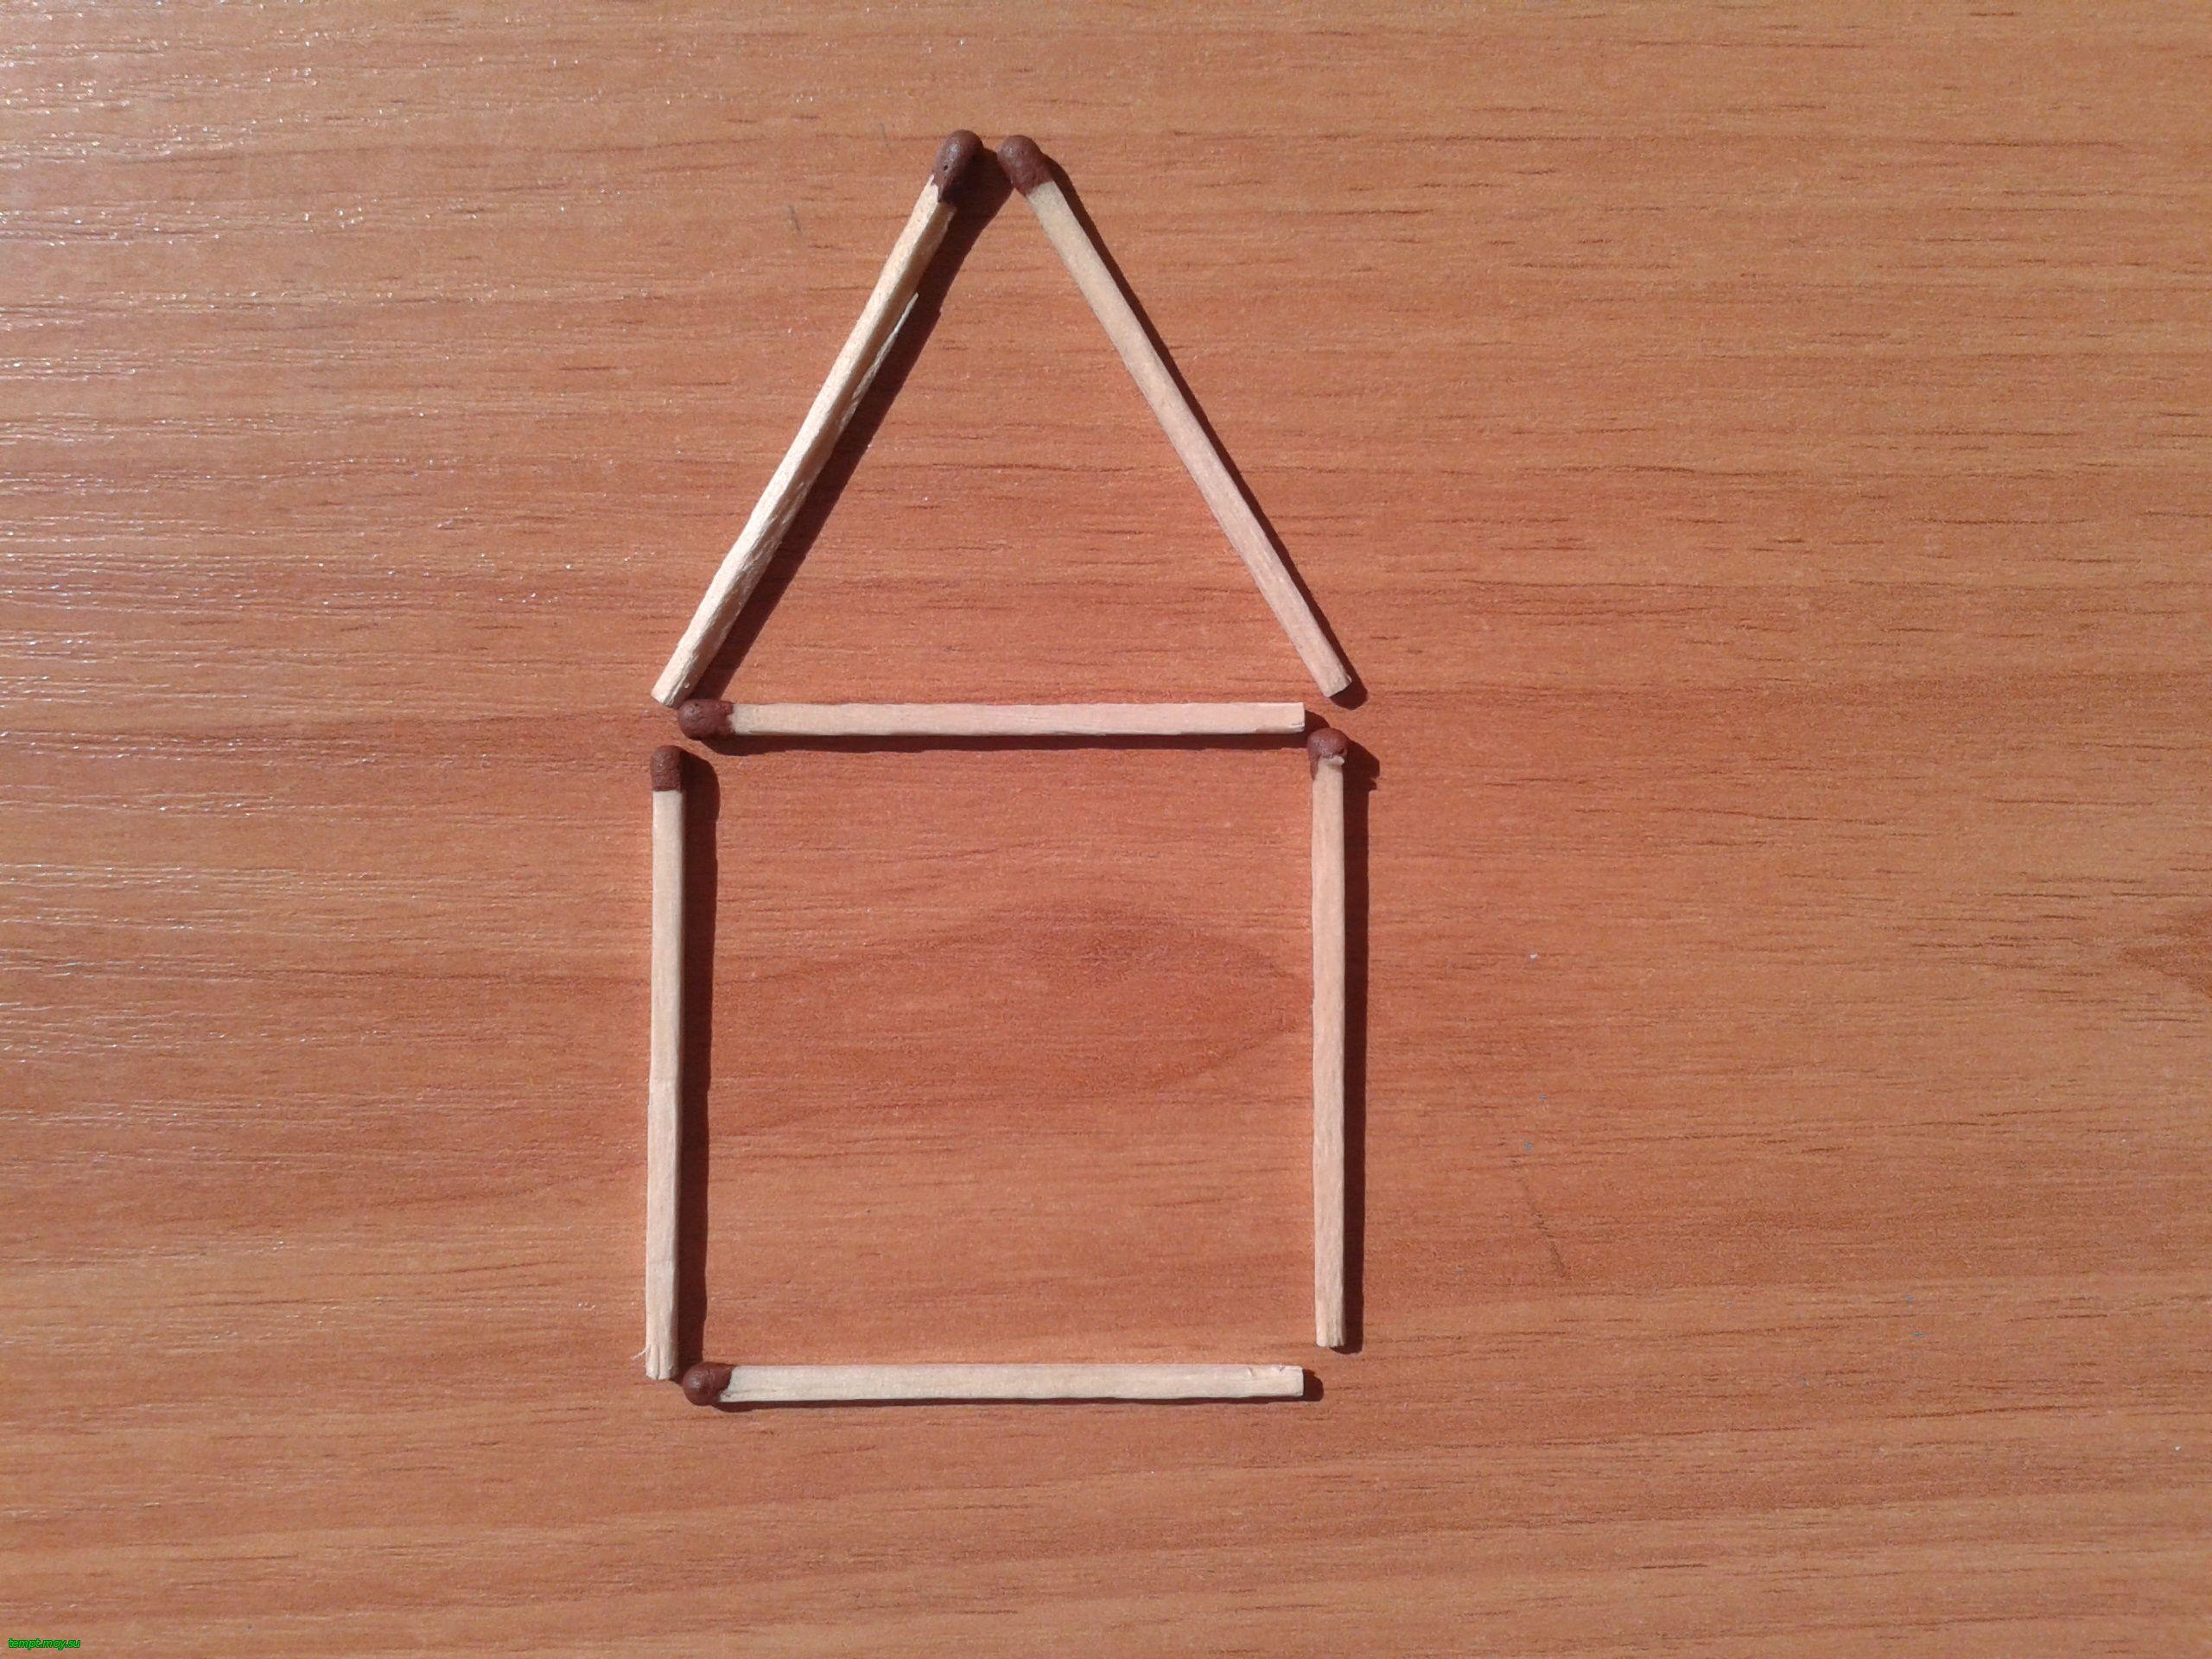 Игра, задача, головоломка со спичками - из пяти квадратов сделать четыре 86